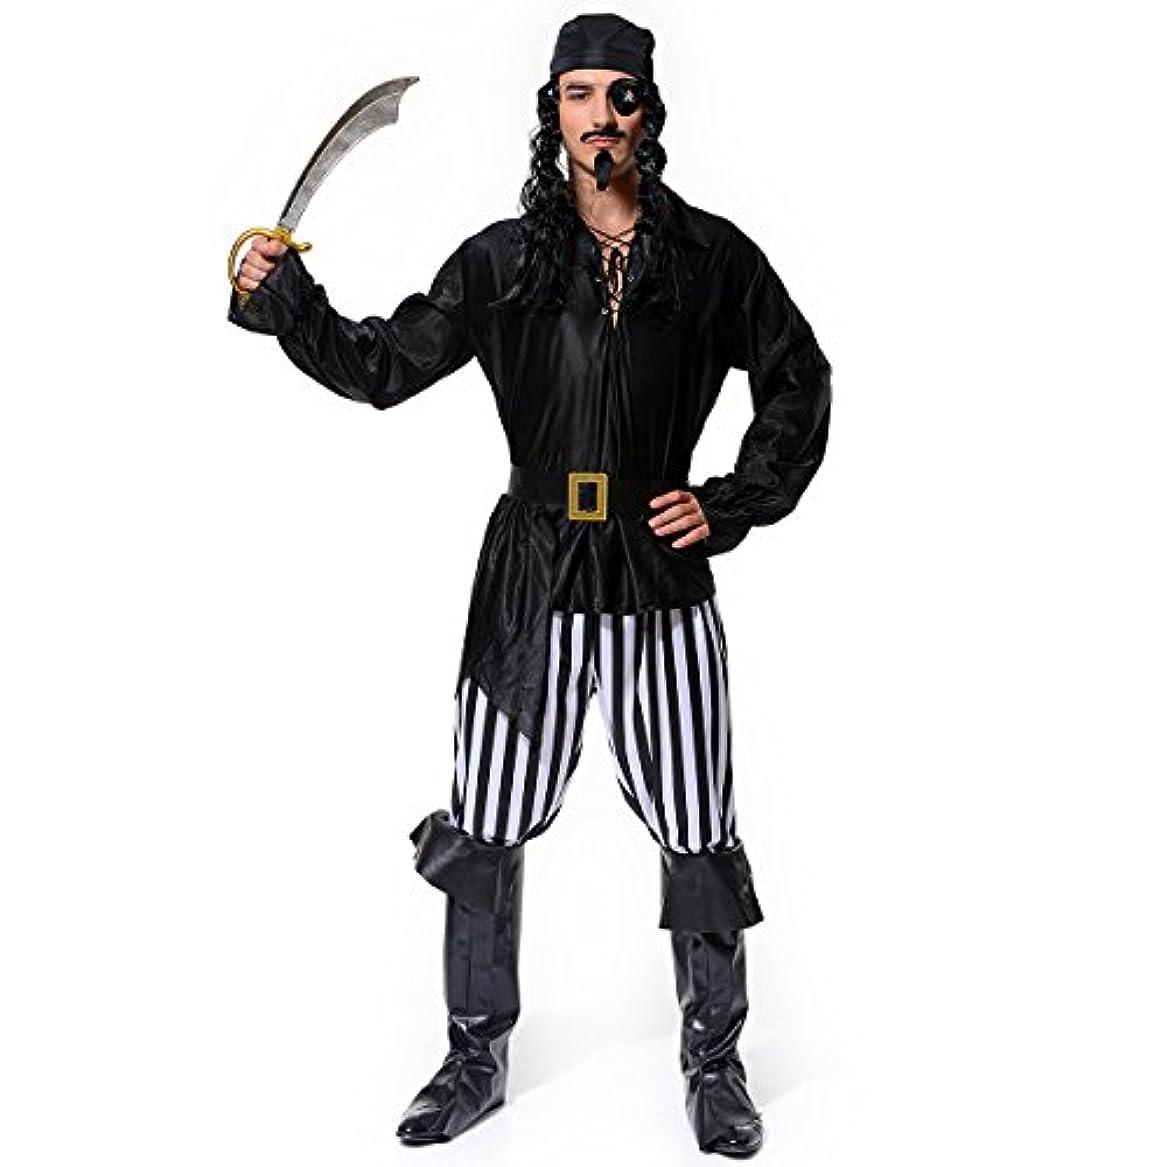 石炭エアコン帰るVeroman メンズ 海賊 パイレーツ コスプレ ハロウィン 衣装 仮装 (バンダナ、海賊服、ズボン、ブーツカバー、ベルト、眼帯の6点セット)